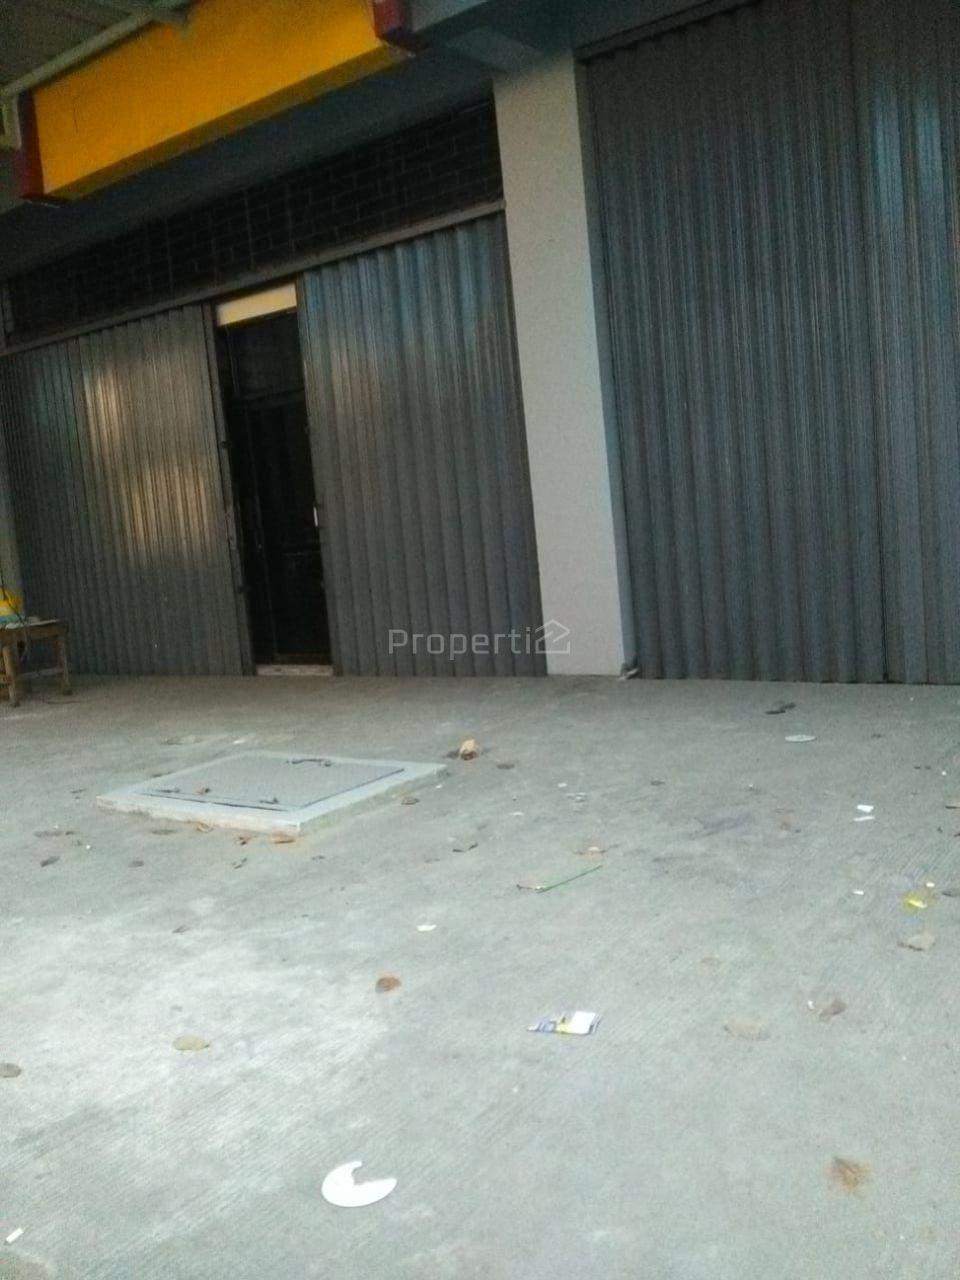 5-Storey New Shophouse in Pekojan, DKI Jakarta